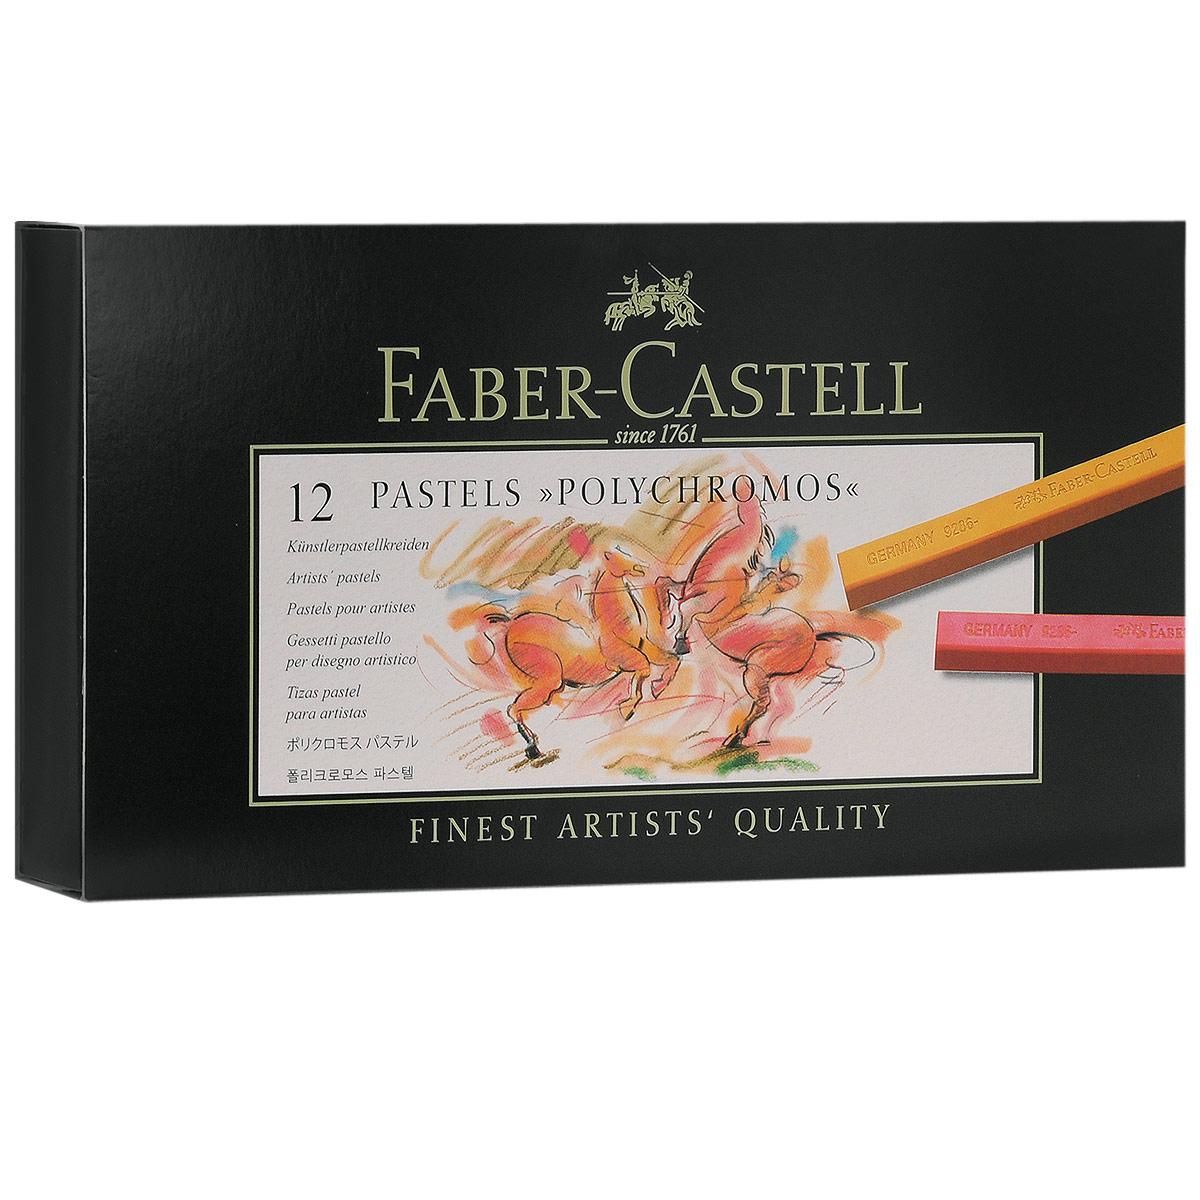 Пастель Faber-Castell Polychromos, 12 штFS-00897Набор Faber-Castell Polychromos содержит пастель прямоугольной формы в виде мелков 12 ярких цветов. Пастель великолепного качества не крошится при работе, обладает отличными кроющими свойствами, обеспечивает хорошее сцепление с поверхностью, яркость и долговечность изображения. Пастелью Faber-Castell Polychromos можно рисовать в любой технике, сочетая ее с цветными карандашами и красками.